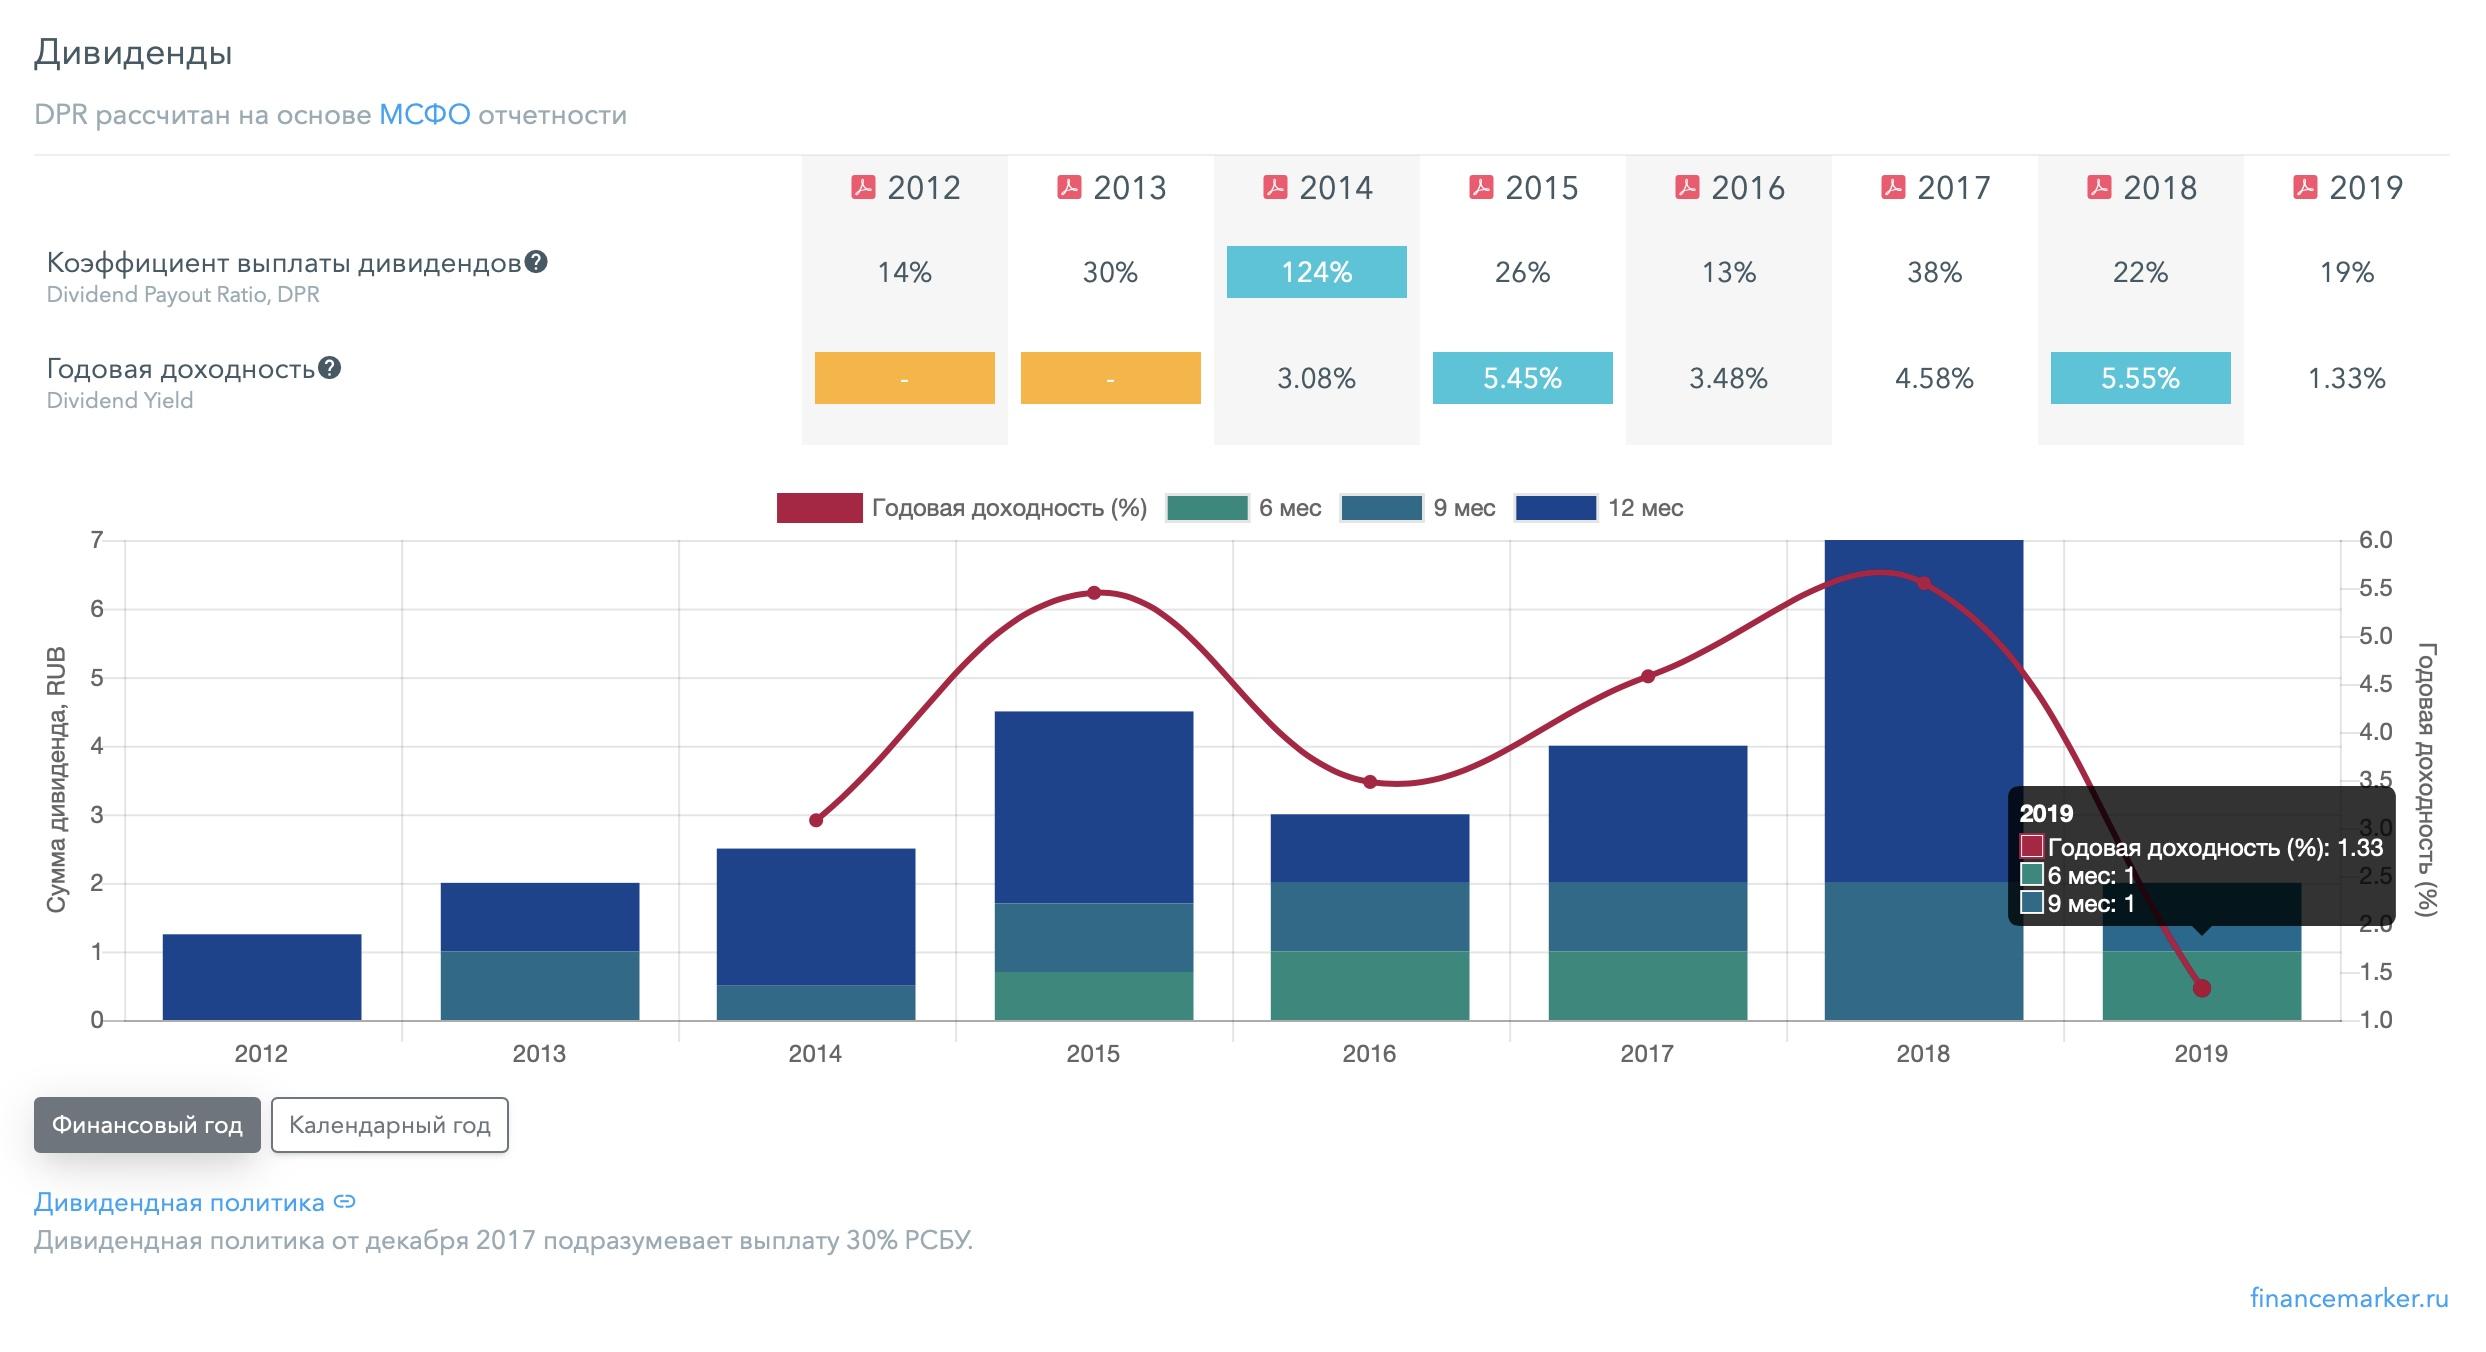 КуйбышевАзот - полный разбор компании + SWOT-анализ, изображение №7